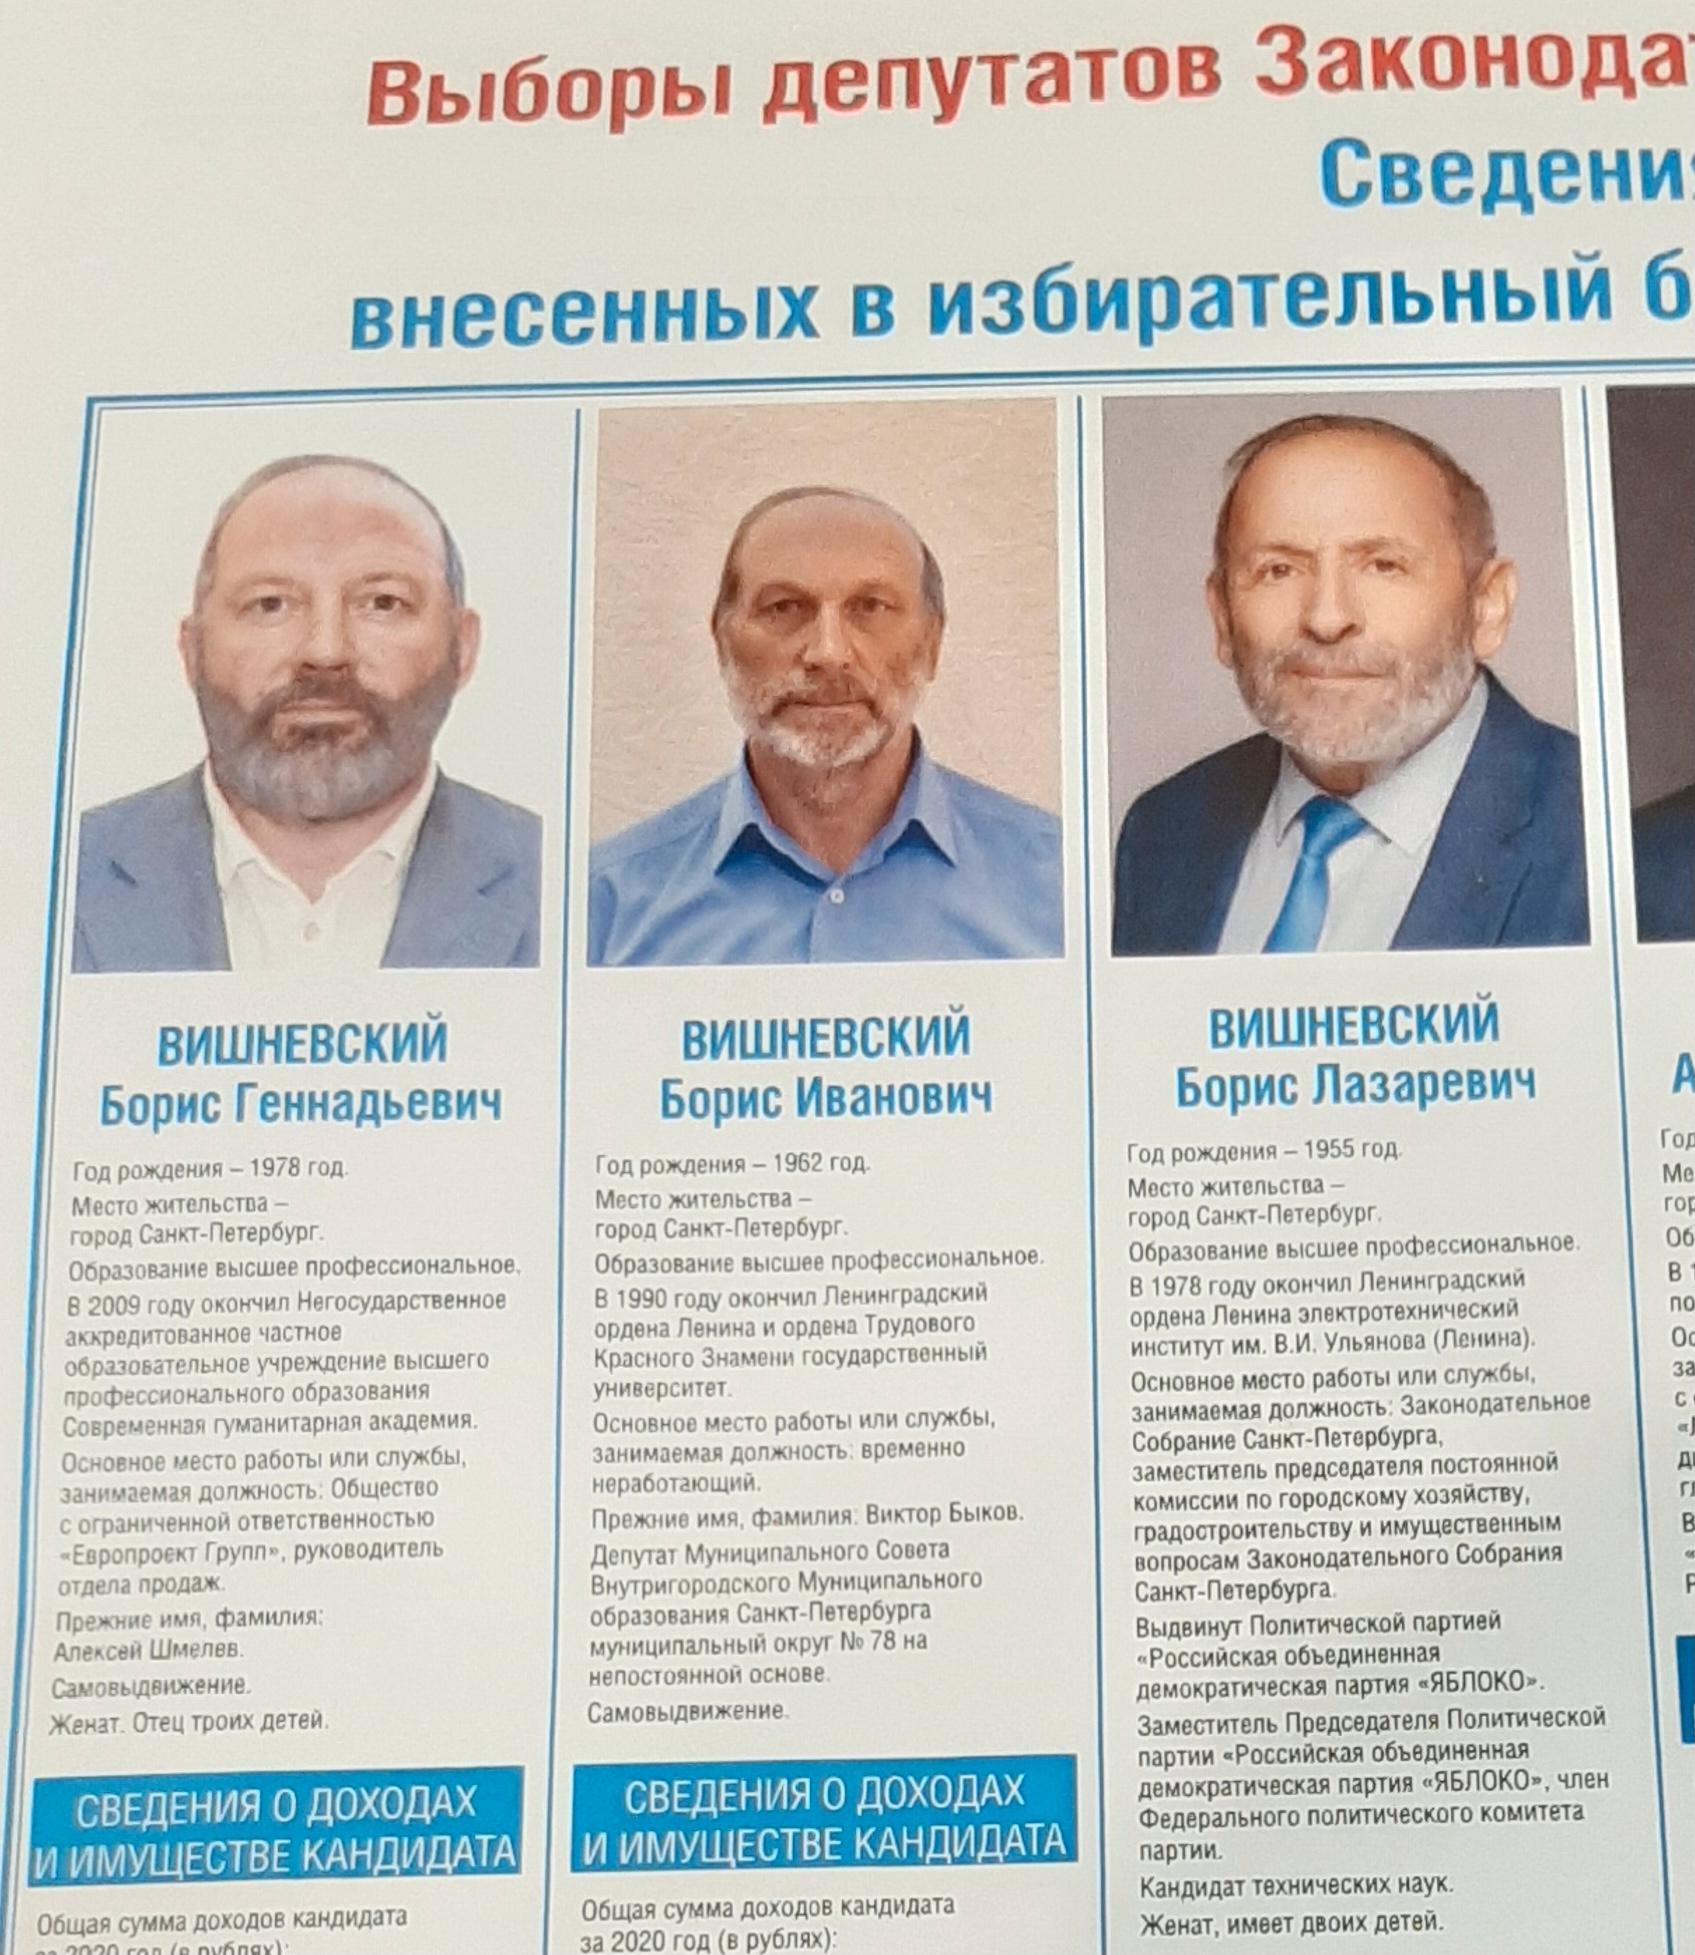 Den riktige Boris Visjnevskij syns längst till höger, kopiorna till vänster.